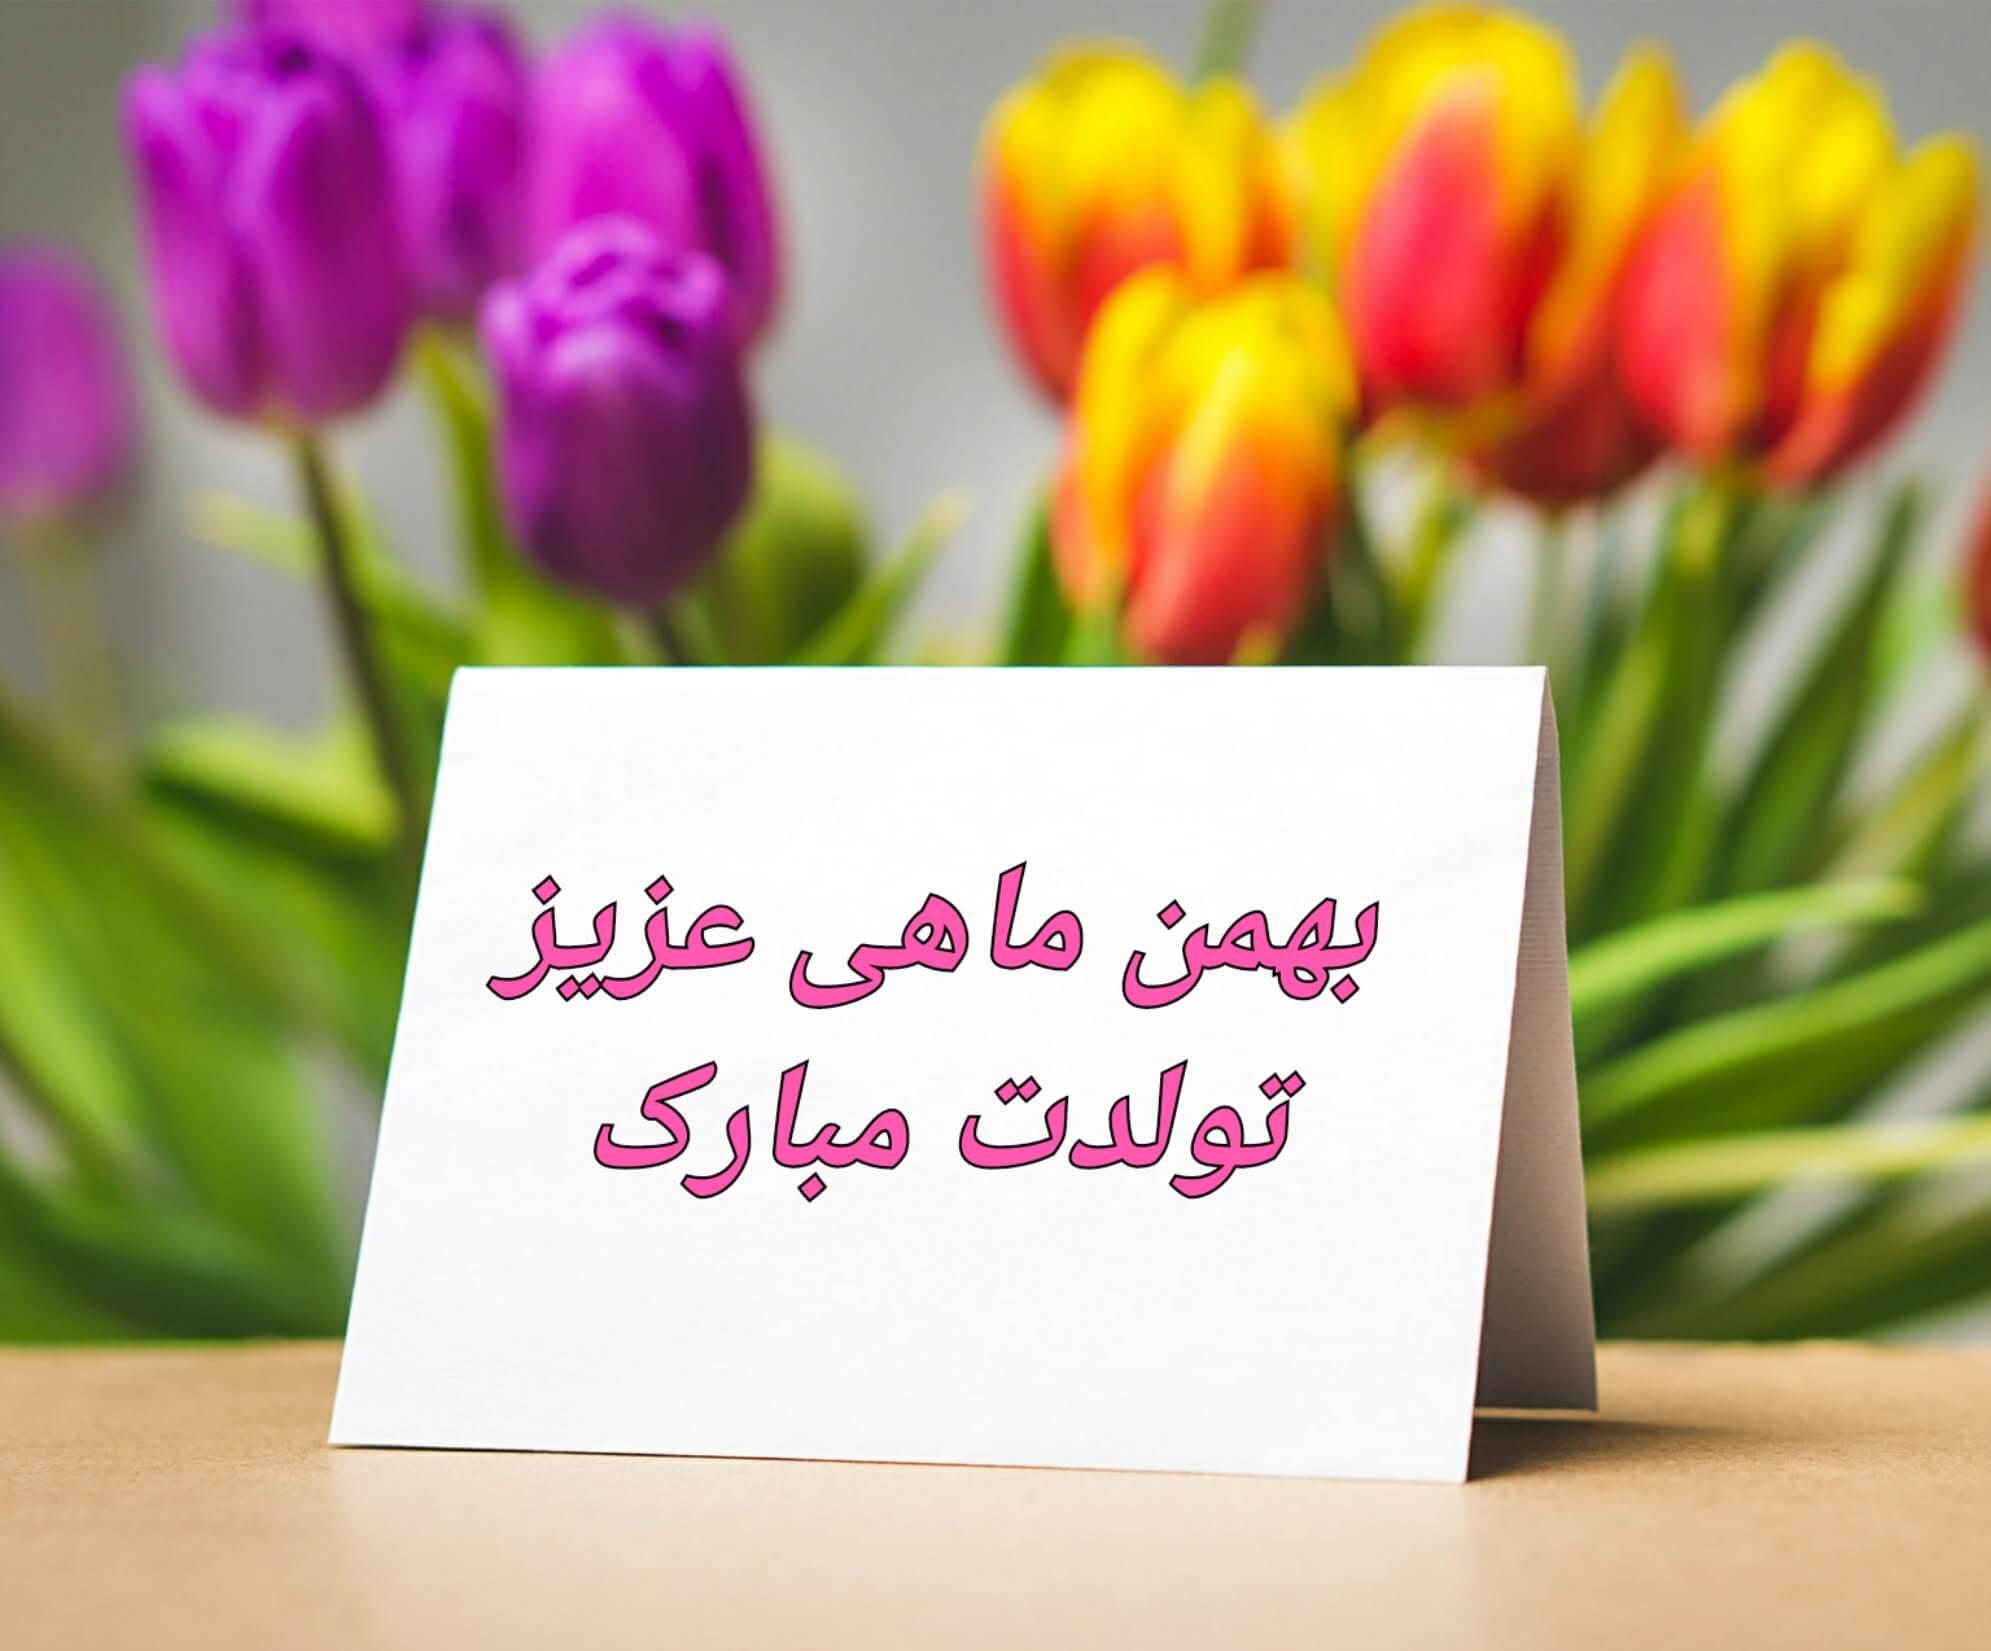 کارت پستال دیجیتال تولد بهمن ماهی